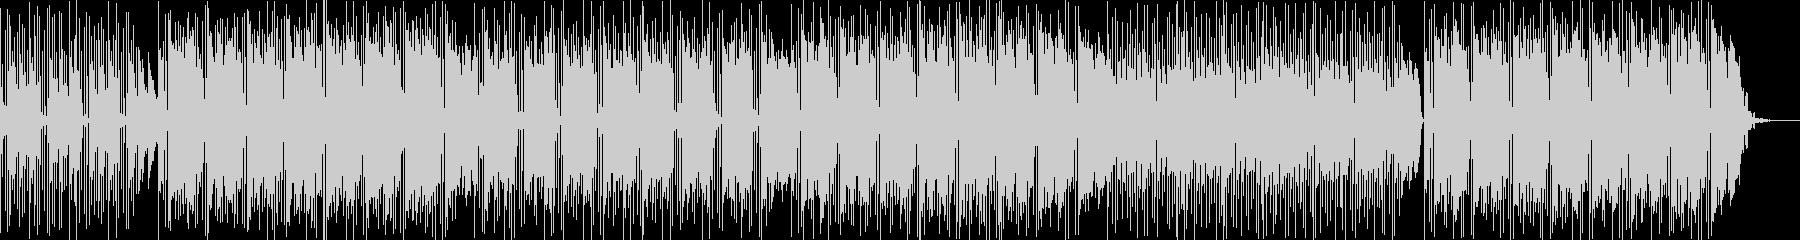 チルなローファイトラップの未再生の波形